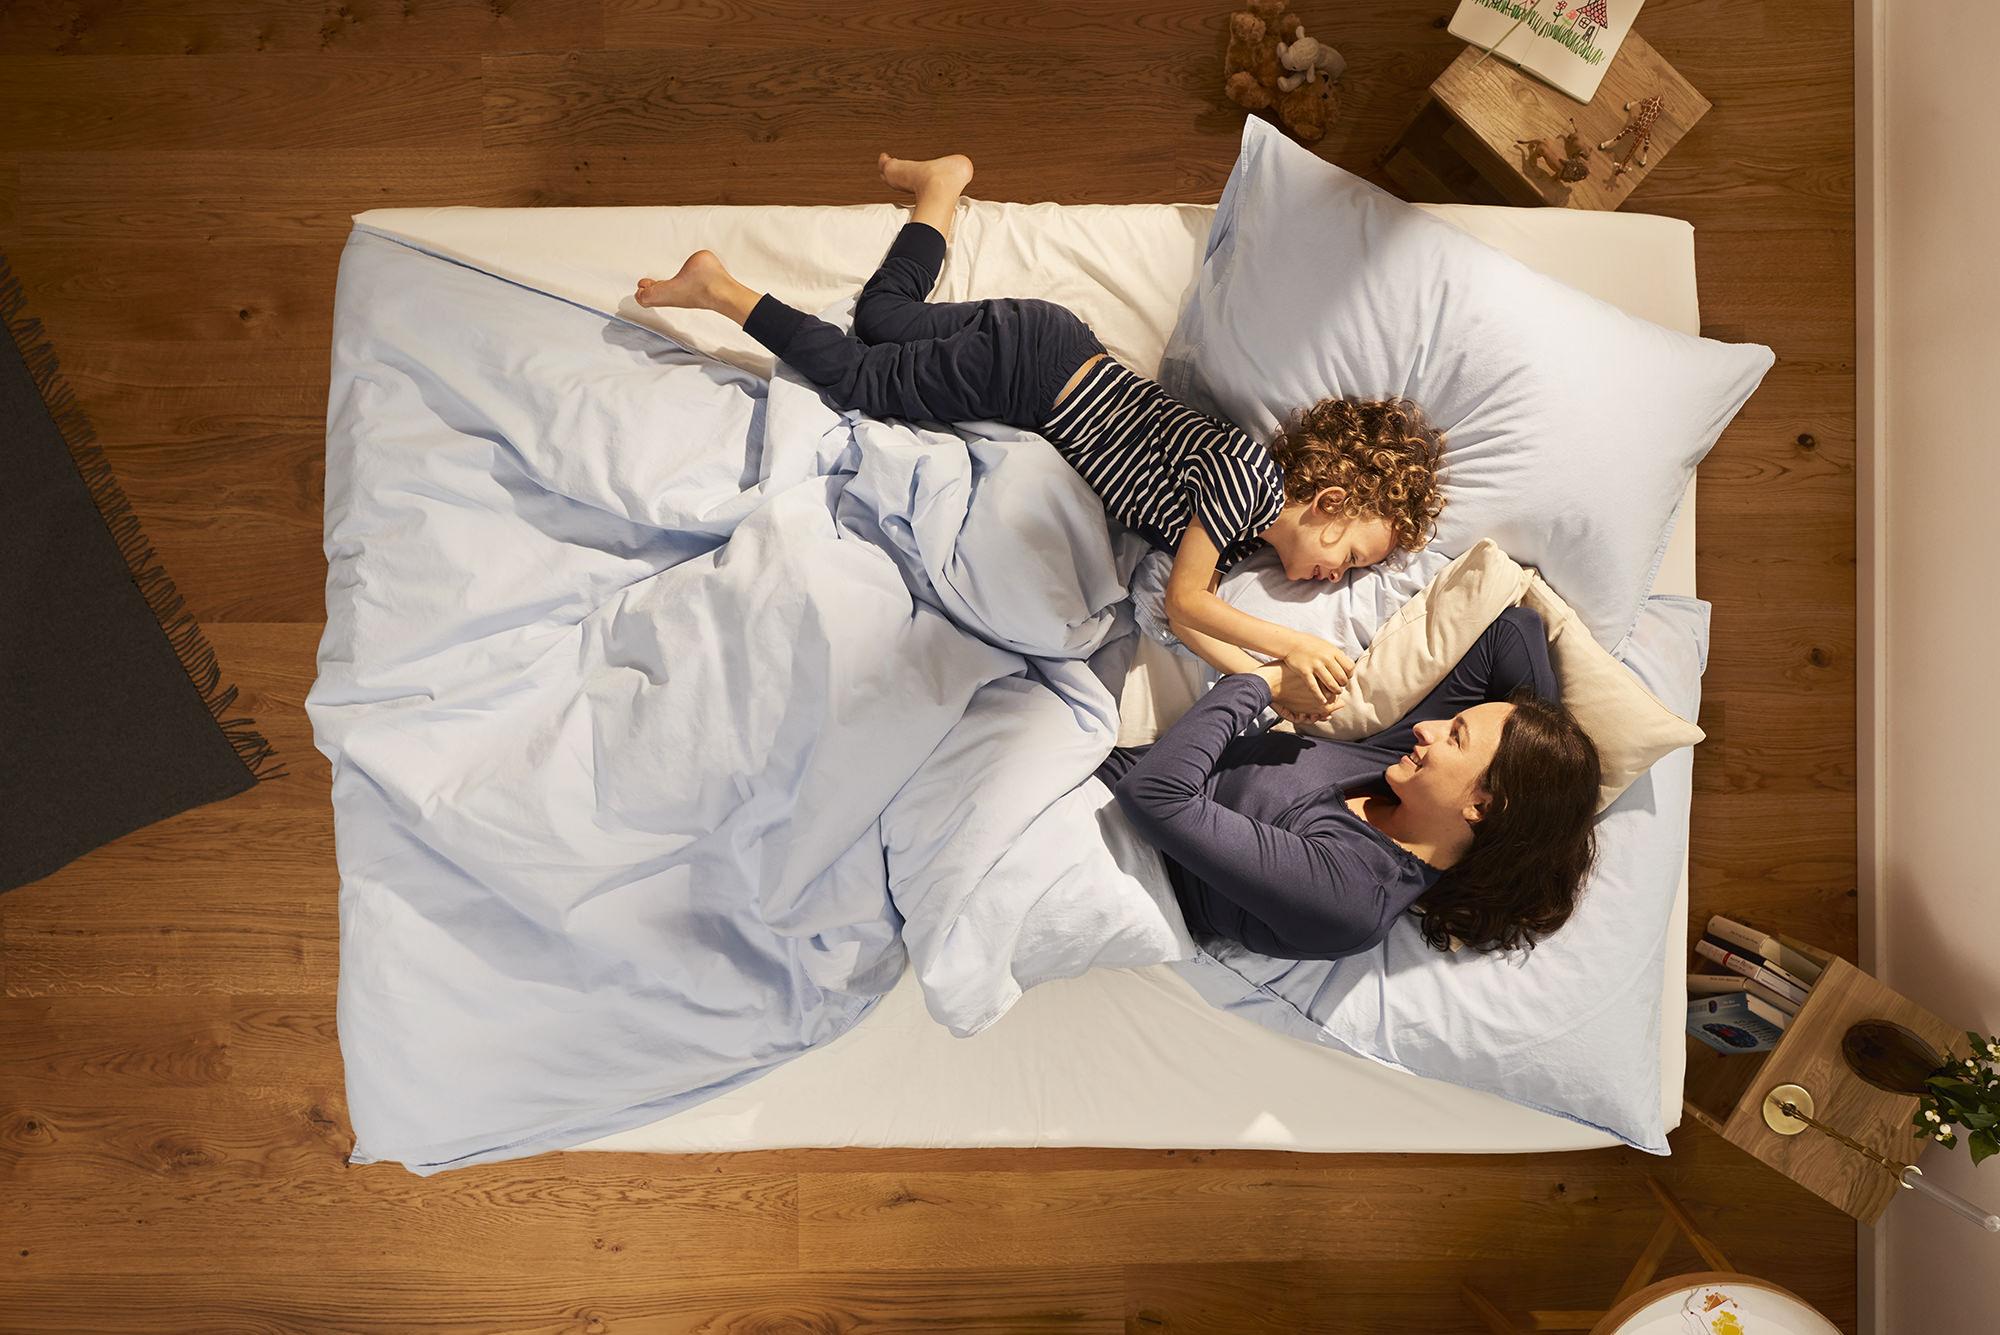 Mutter und Kind kuscheln auf einer stylische Matratze